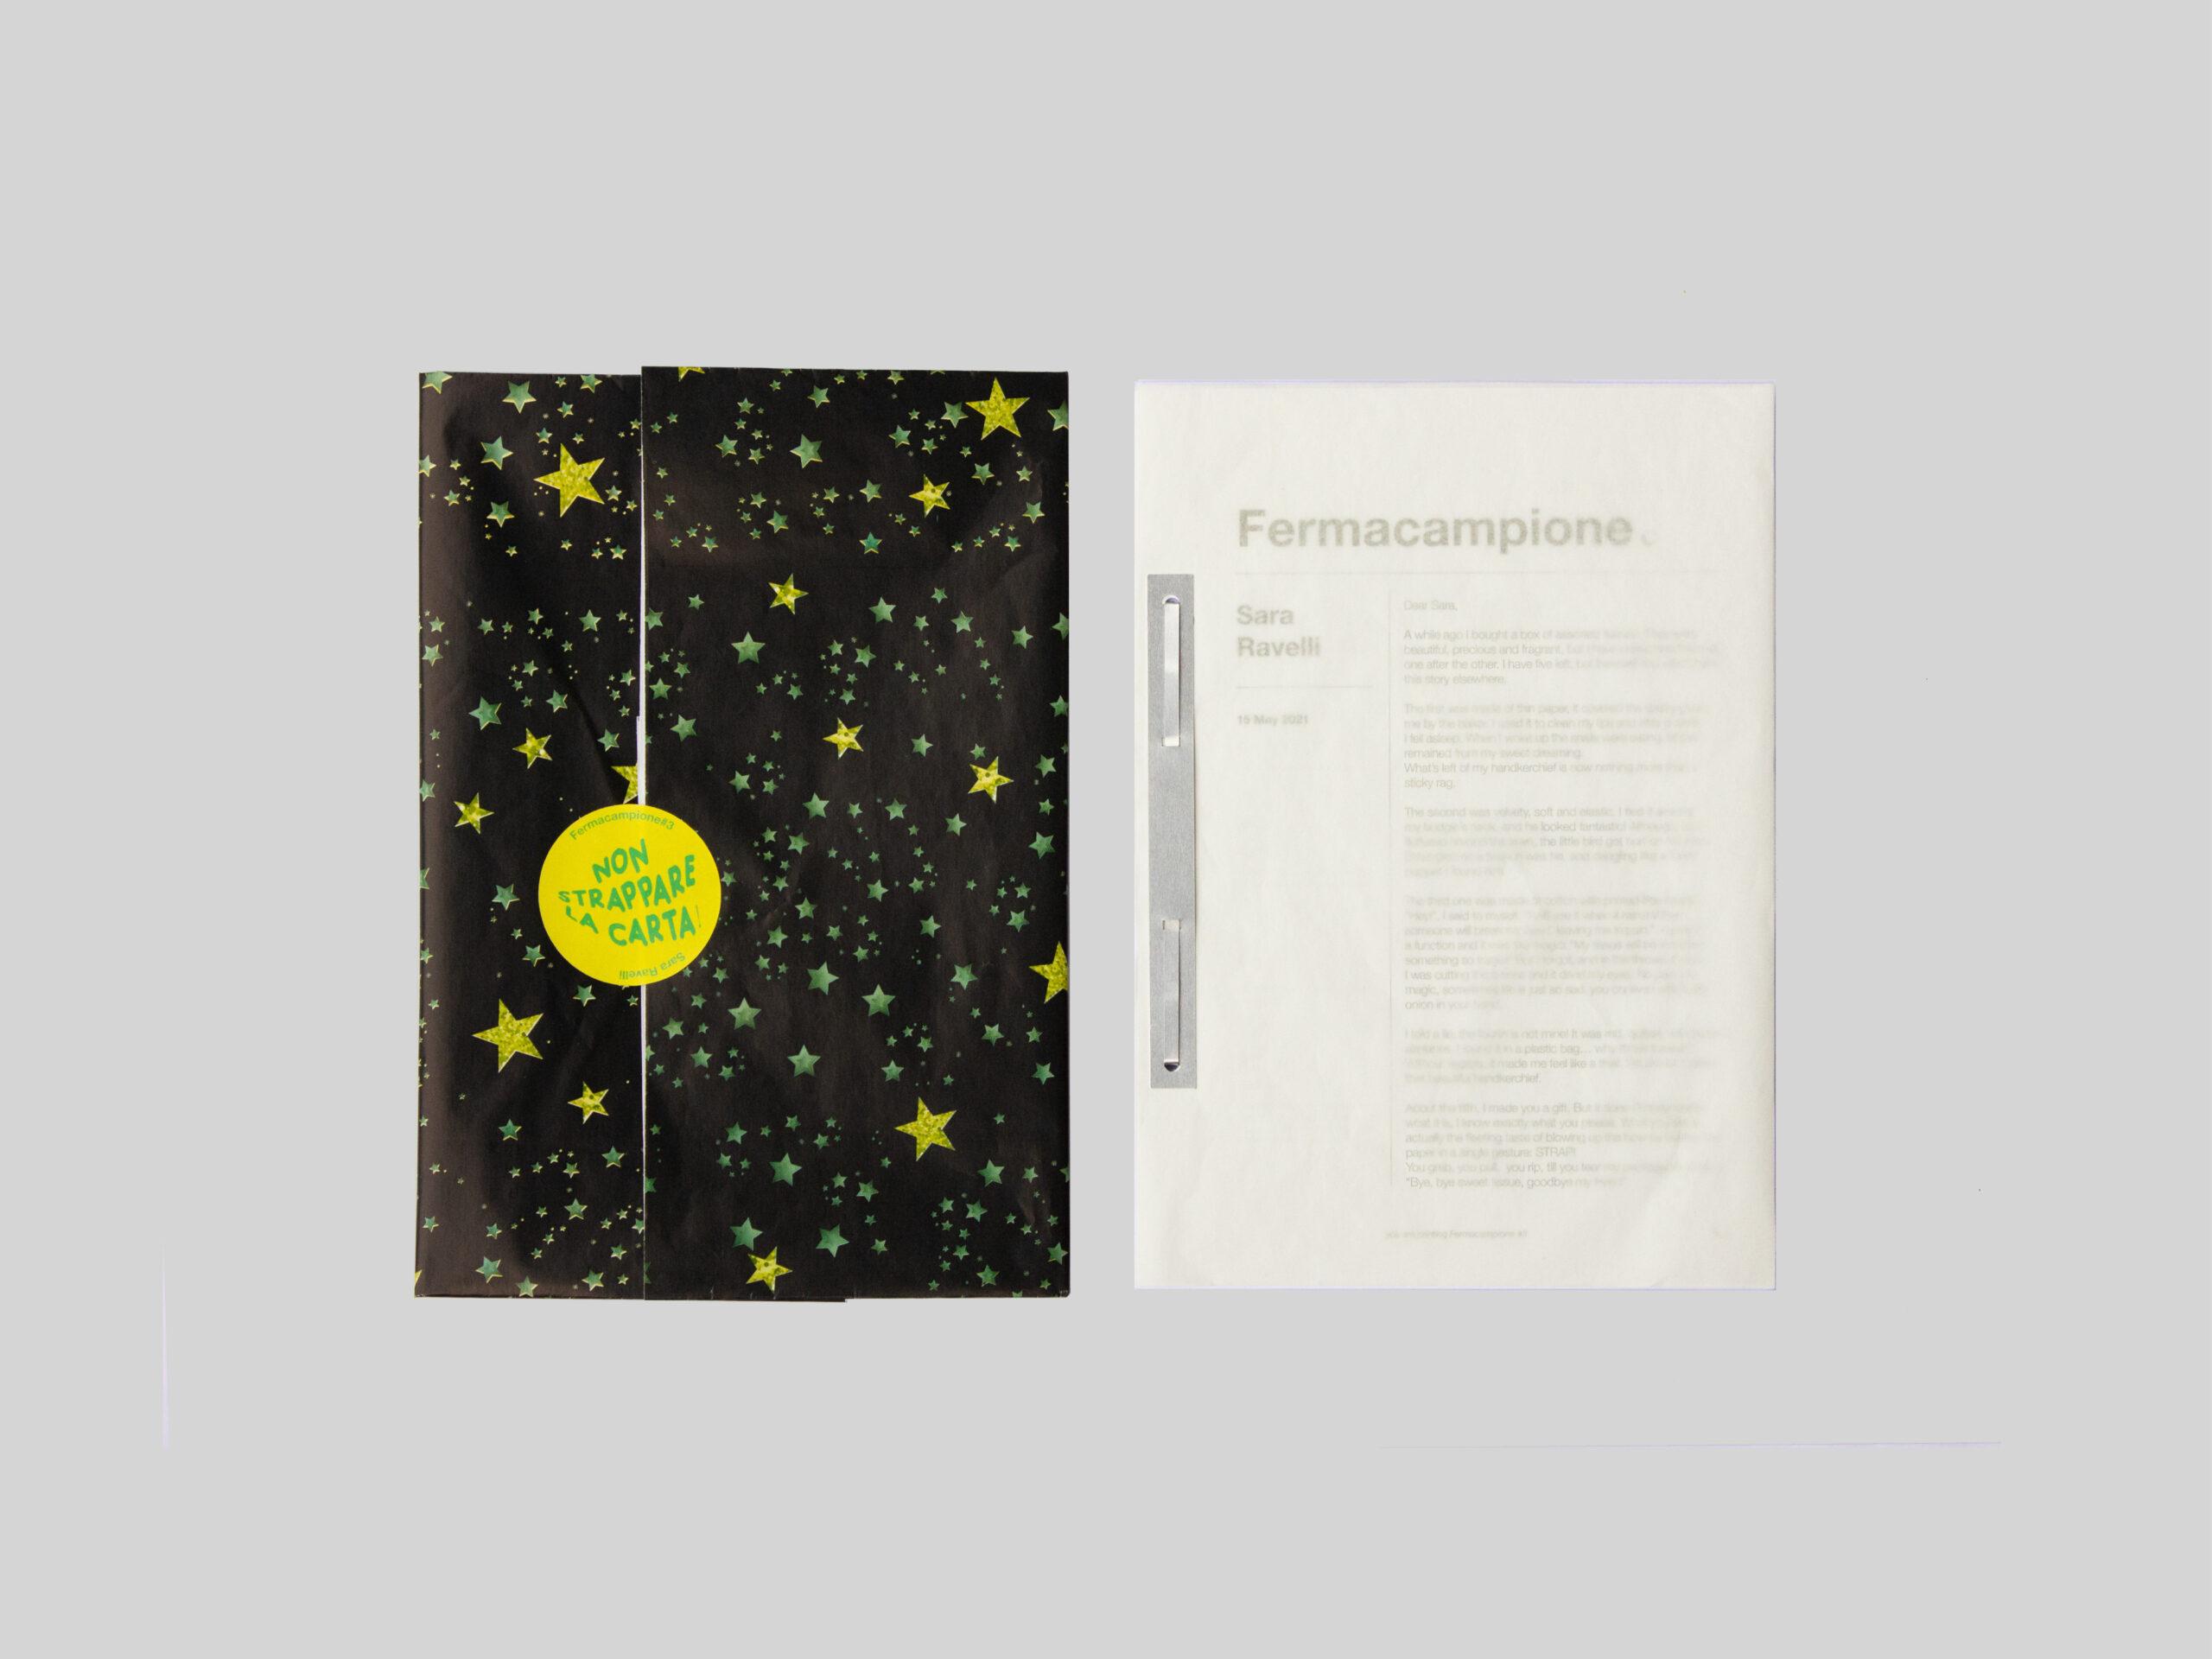 """Fermacampione. Mida Fiore ci conduce alla scoperta del progetto editoriale da """"stampare e conservare"""" da lei ideato"""